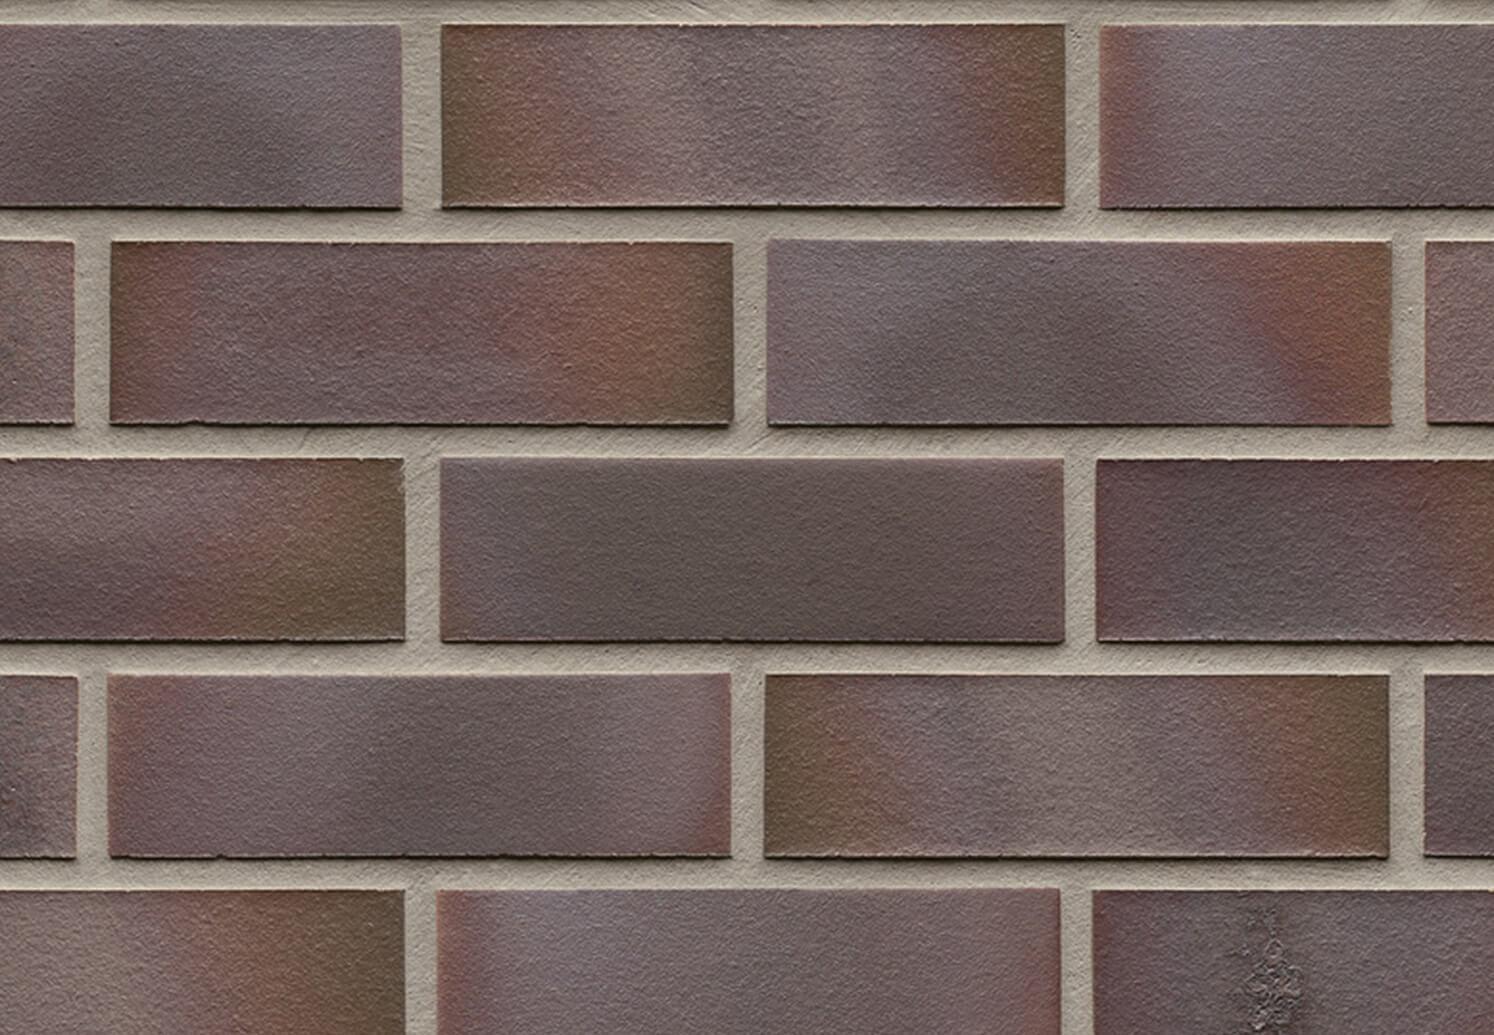 Feldhaus Klinker - R581NF14, Salina Carmesi Maritimo, 240x14x71 - Клинкерная плитка для фасада и внутренней отделки